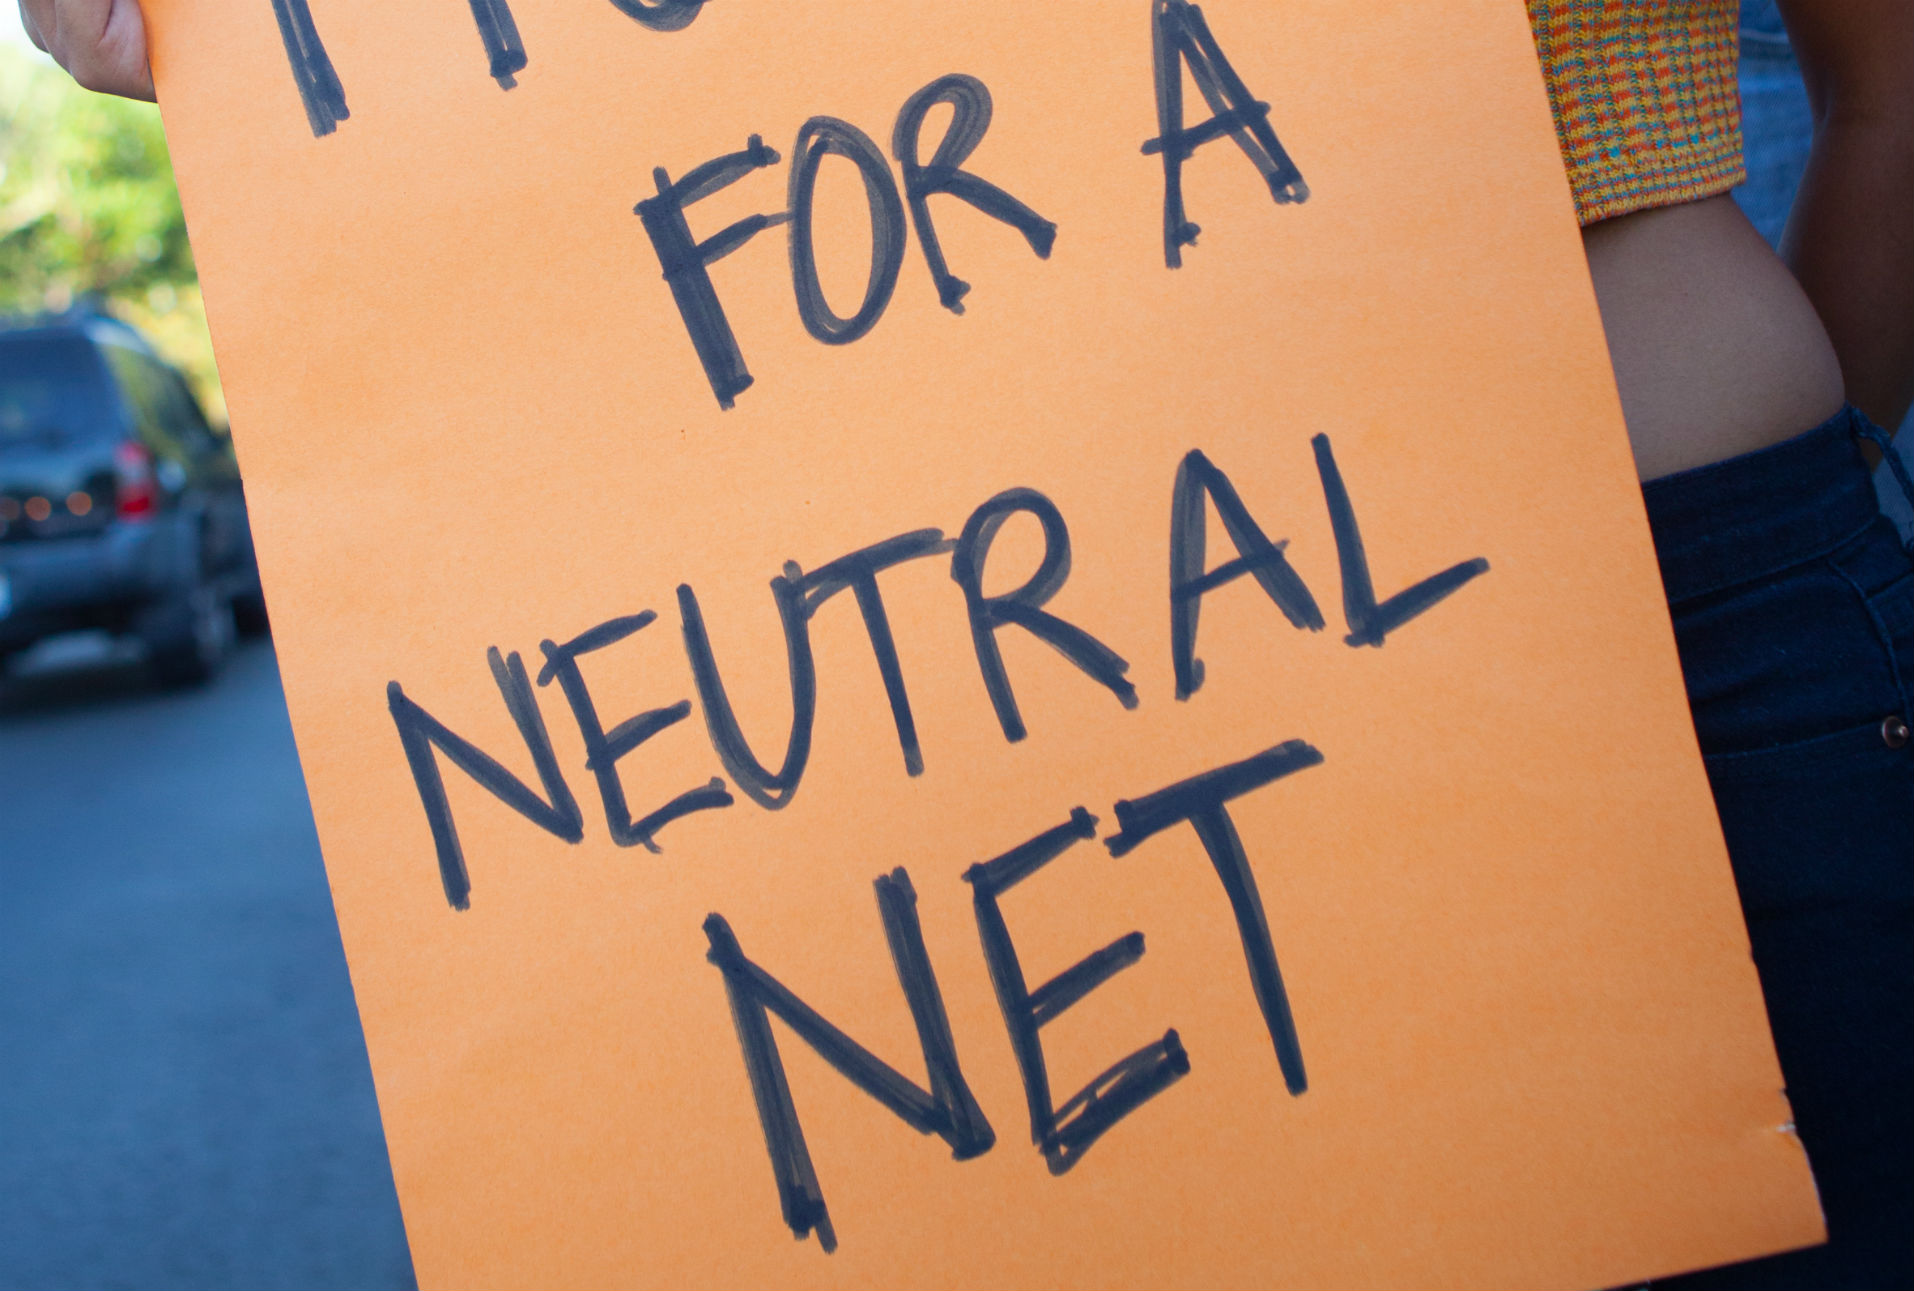 Organización vinculada con AT&T dirige campaña contra iniciativa para proteger neutralidad de red en California